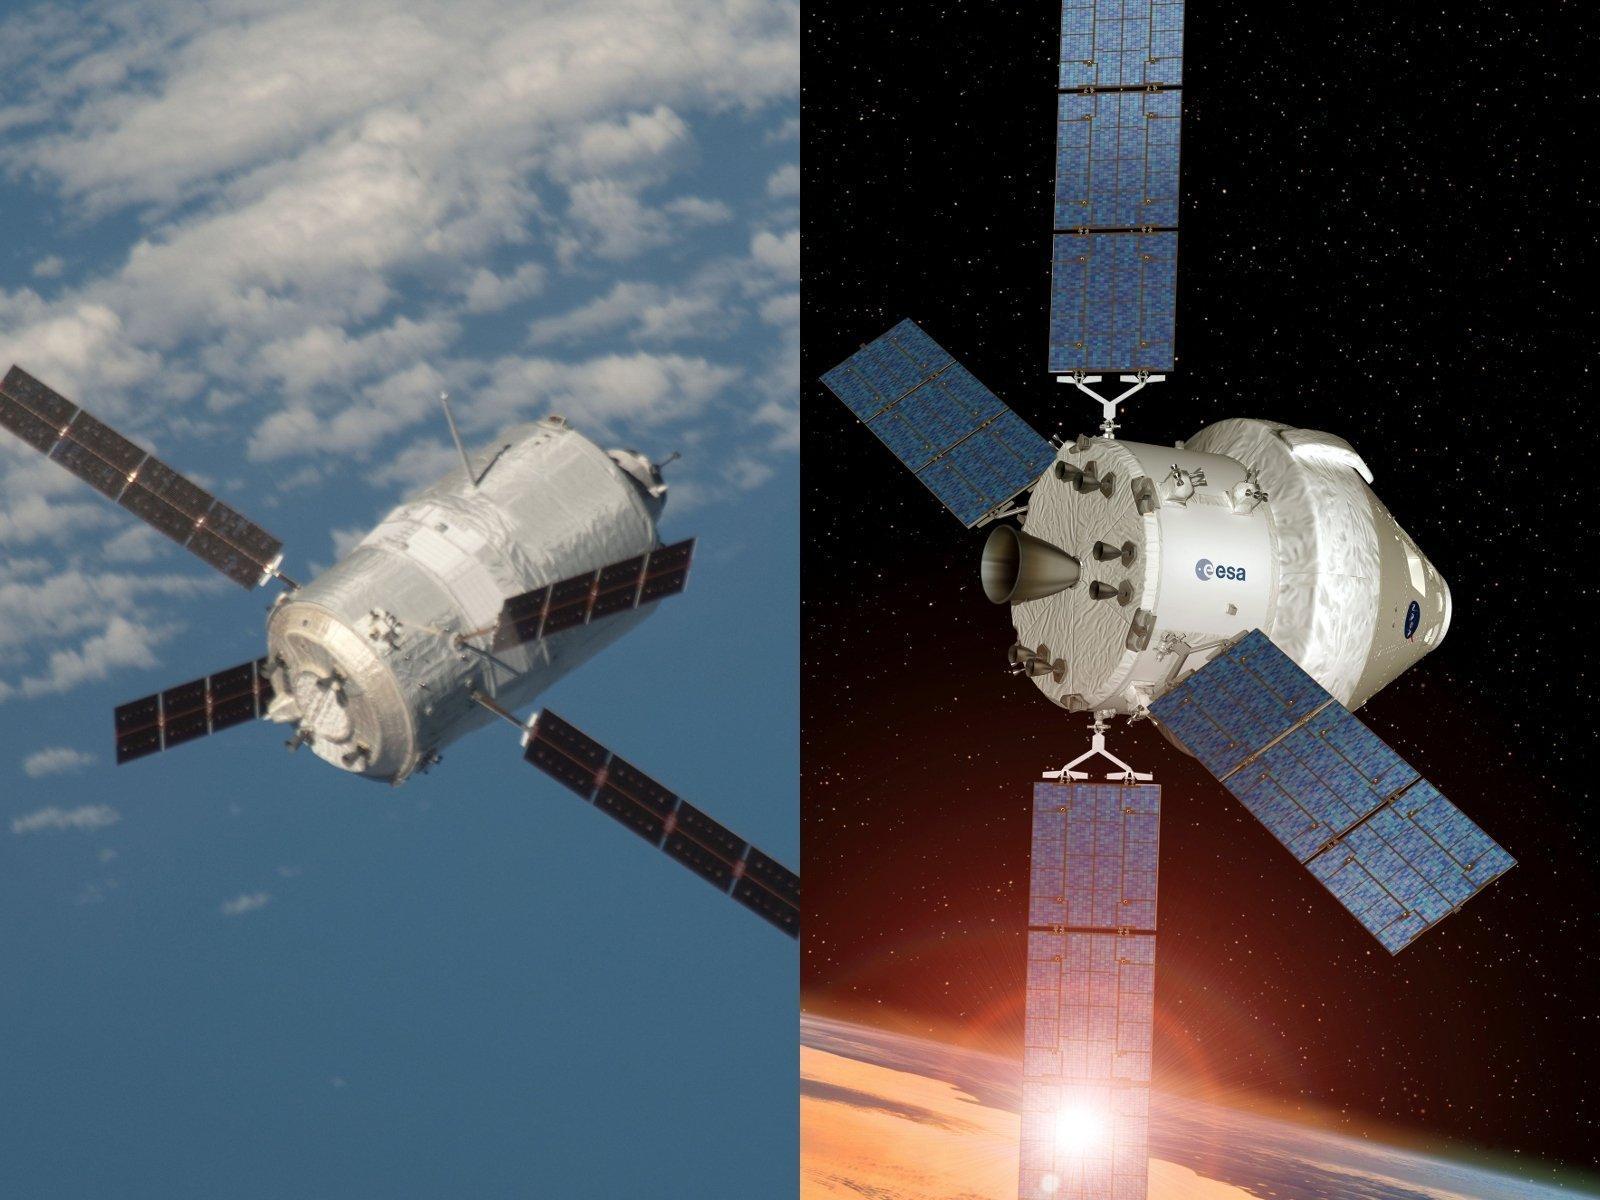 Ein Foto des Automated Transfer Vehicle, eine Grafik des geplanten Orion-Raumschiffs